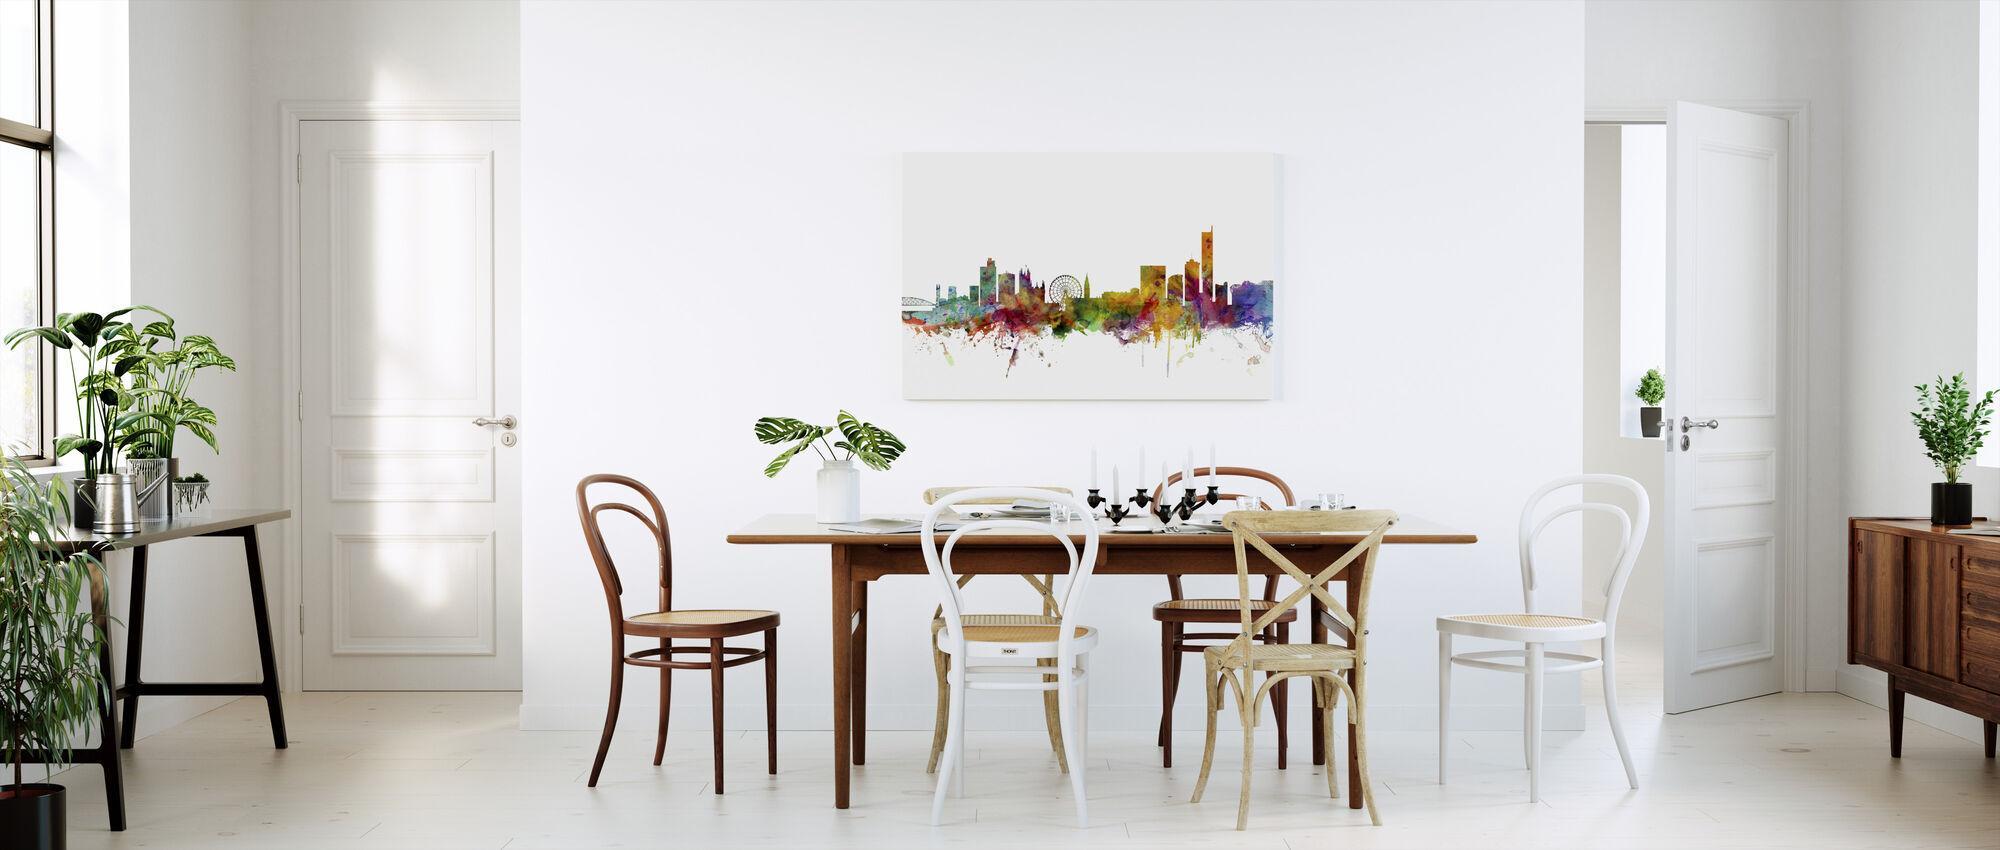 Manchester Skyline - Canvas print - Kitchen